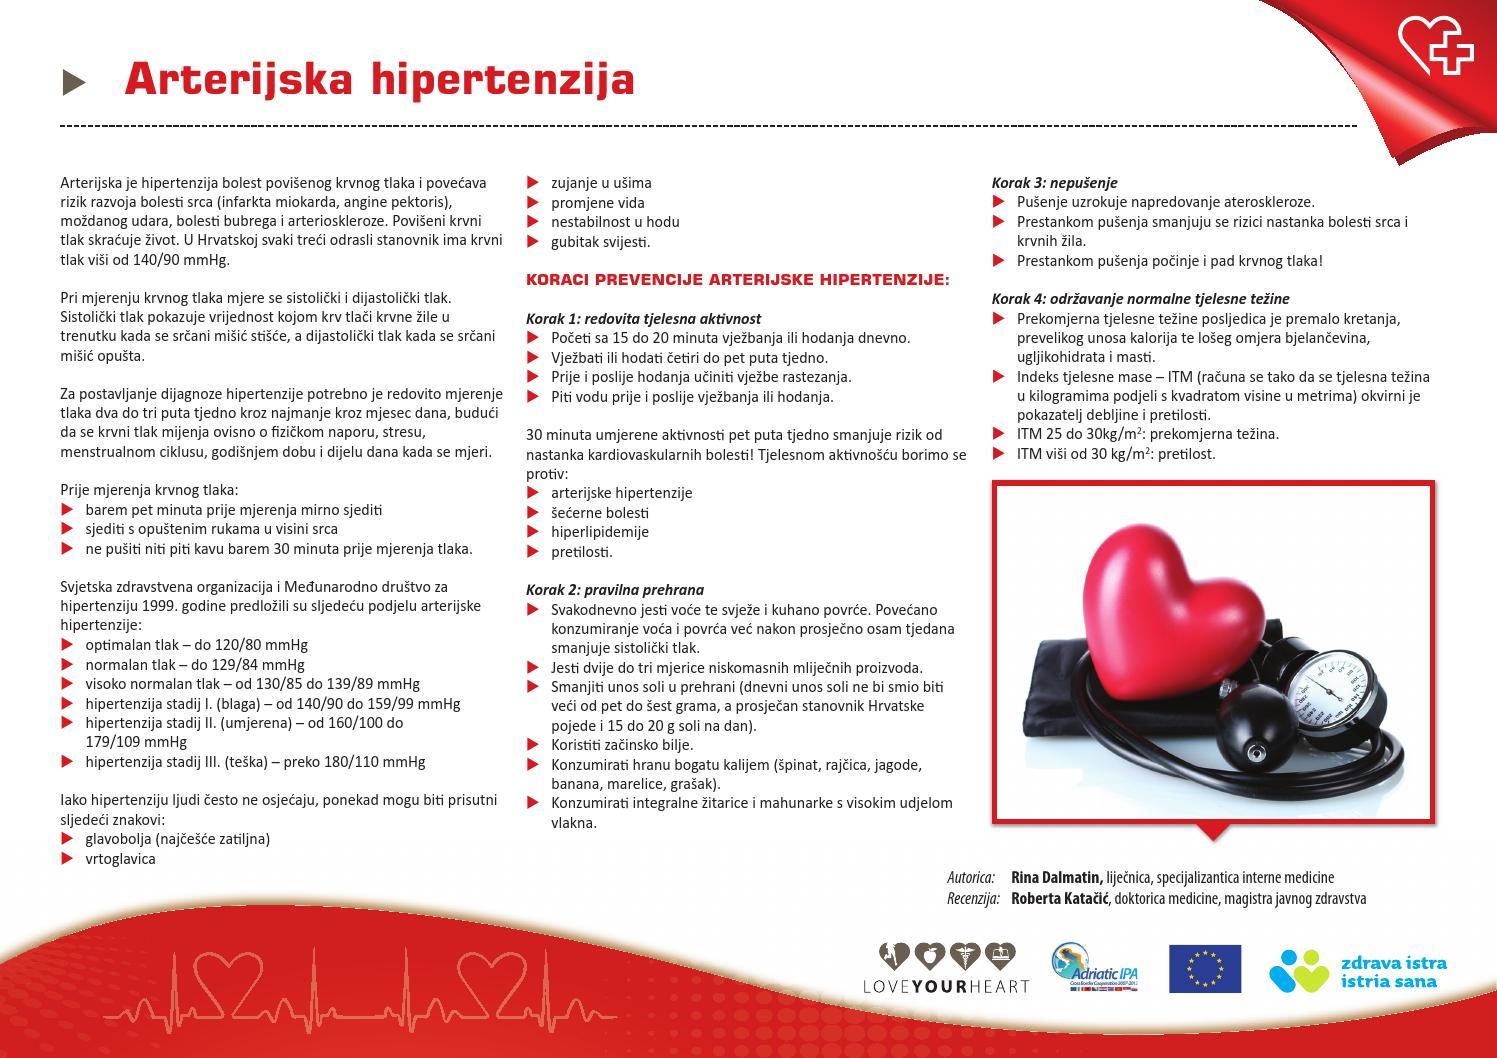 Razvoj hipertenzije 1, 2, 3 faze - Embolija